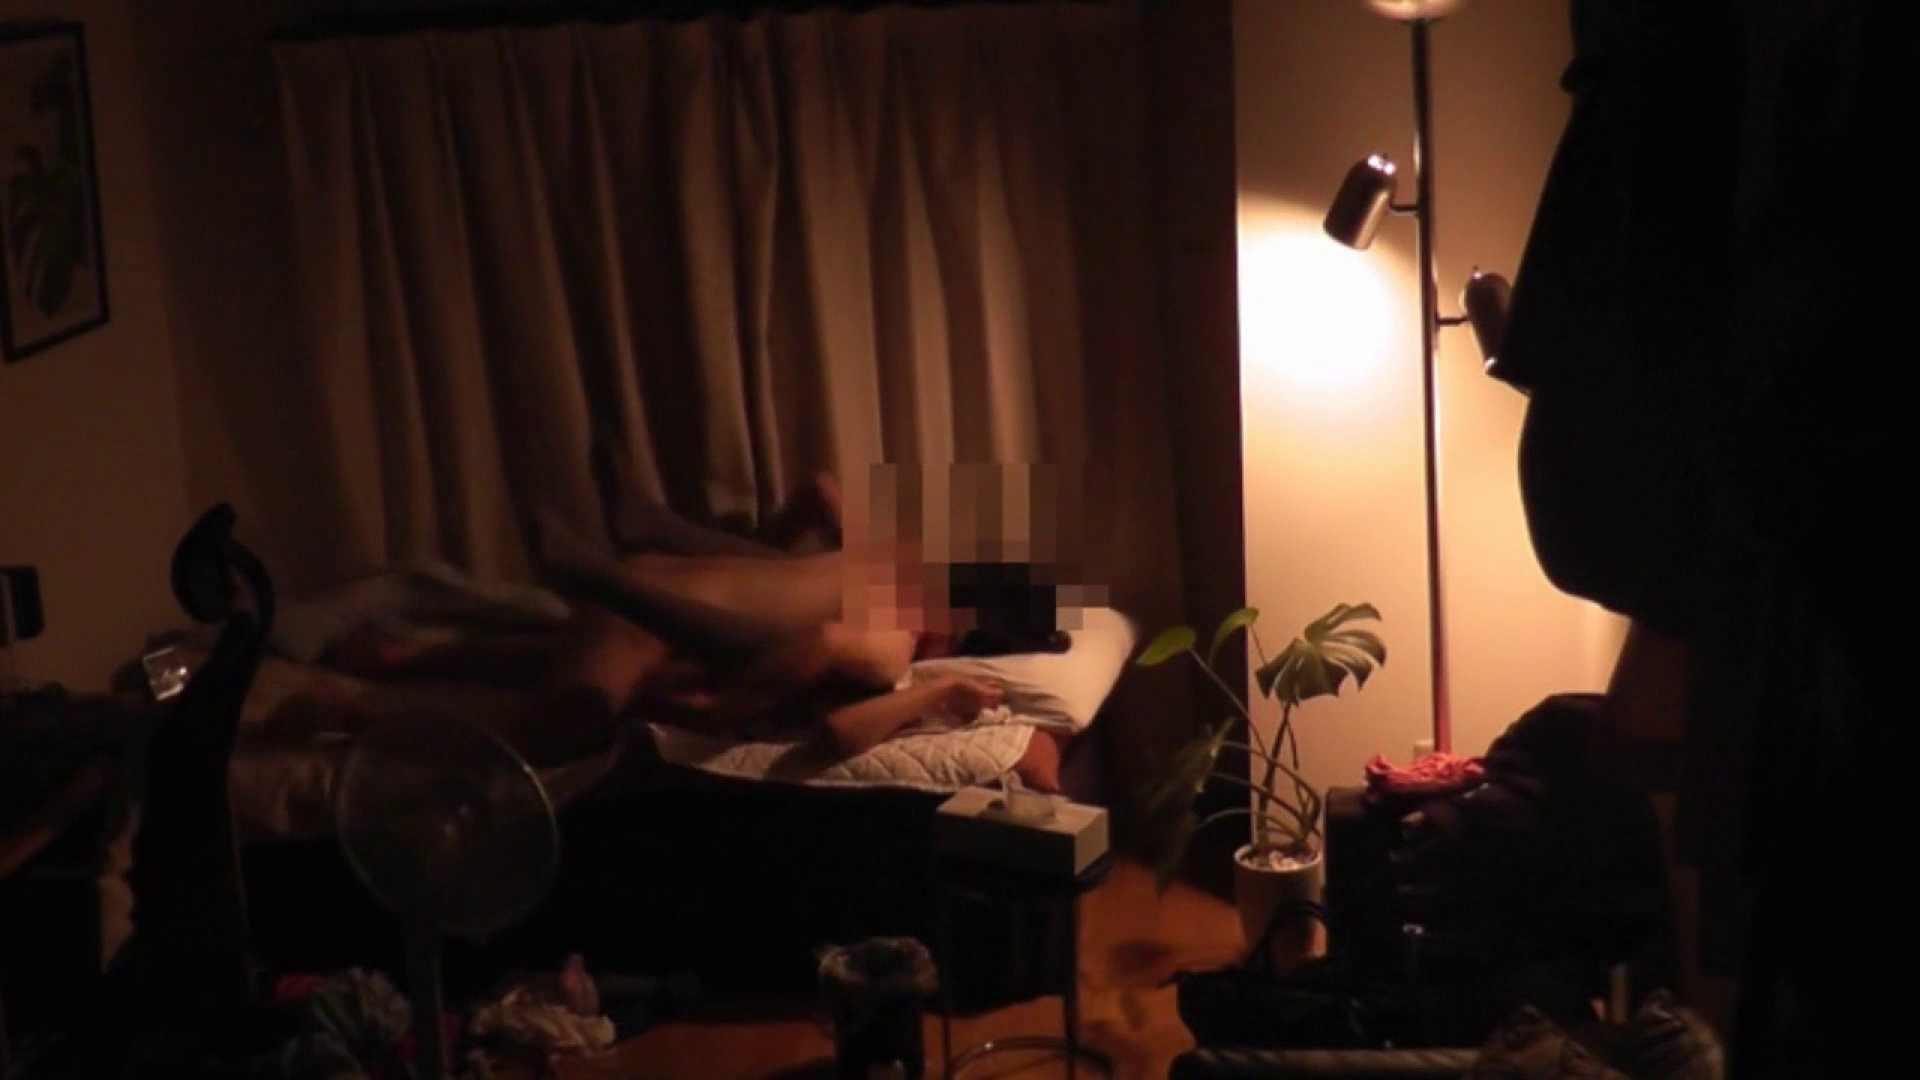 美女だらけのプライベートSEXvol.1 プライベート 盗み撮り動画キャプチャ 51PIX 43